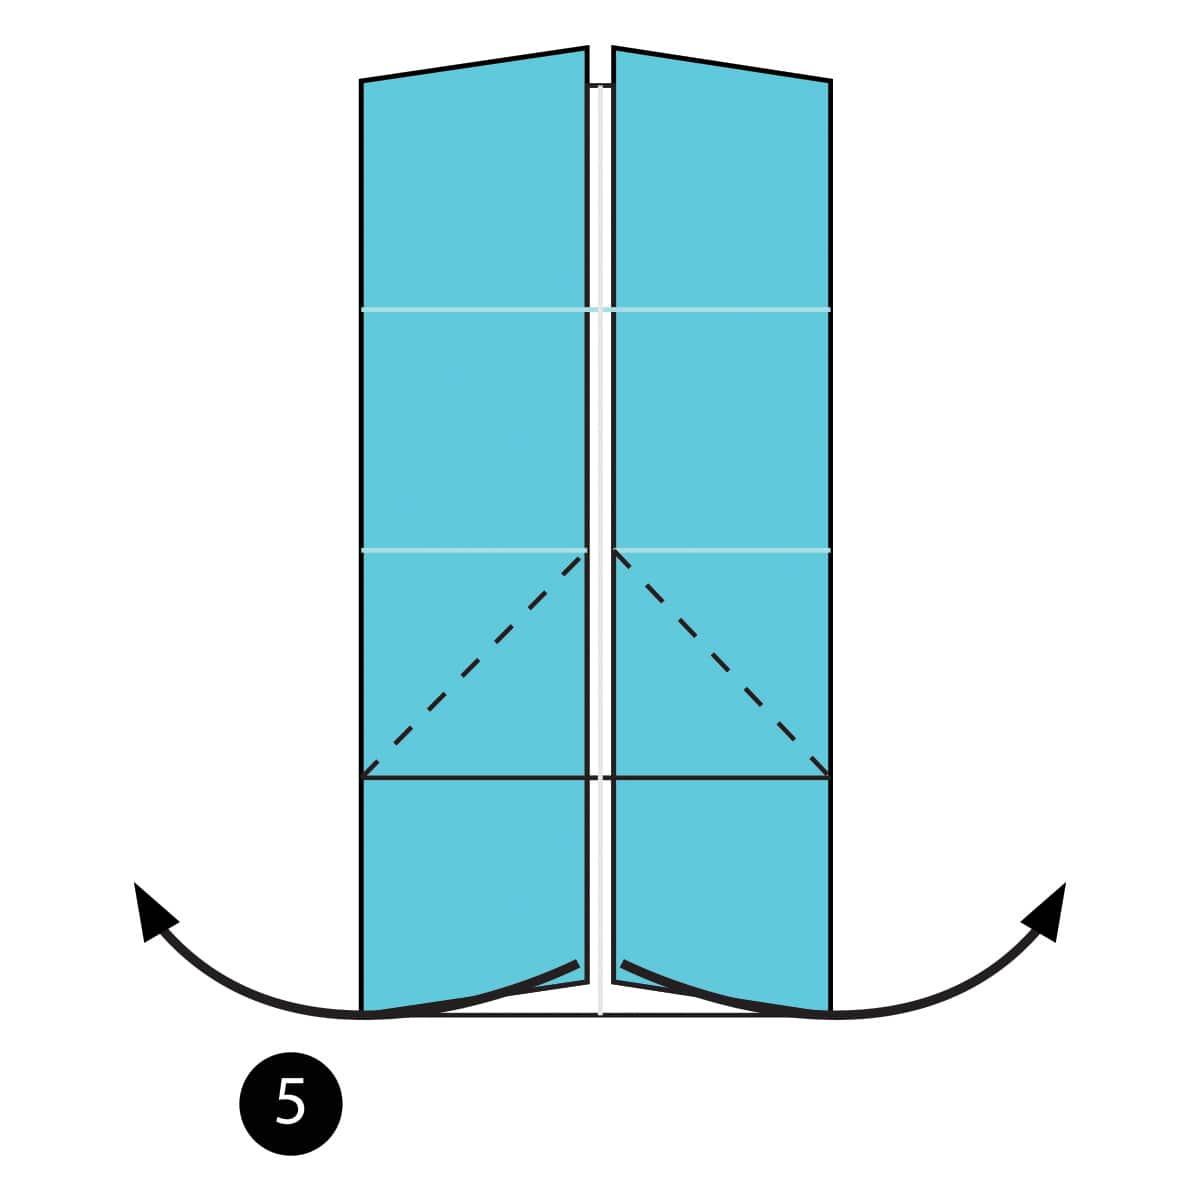 Pinwheel Step 5